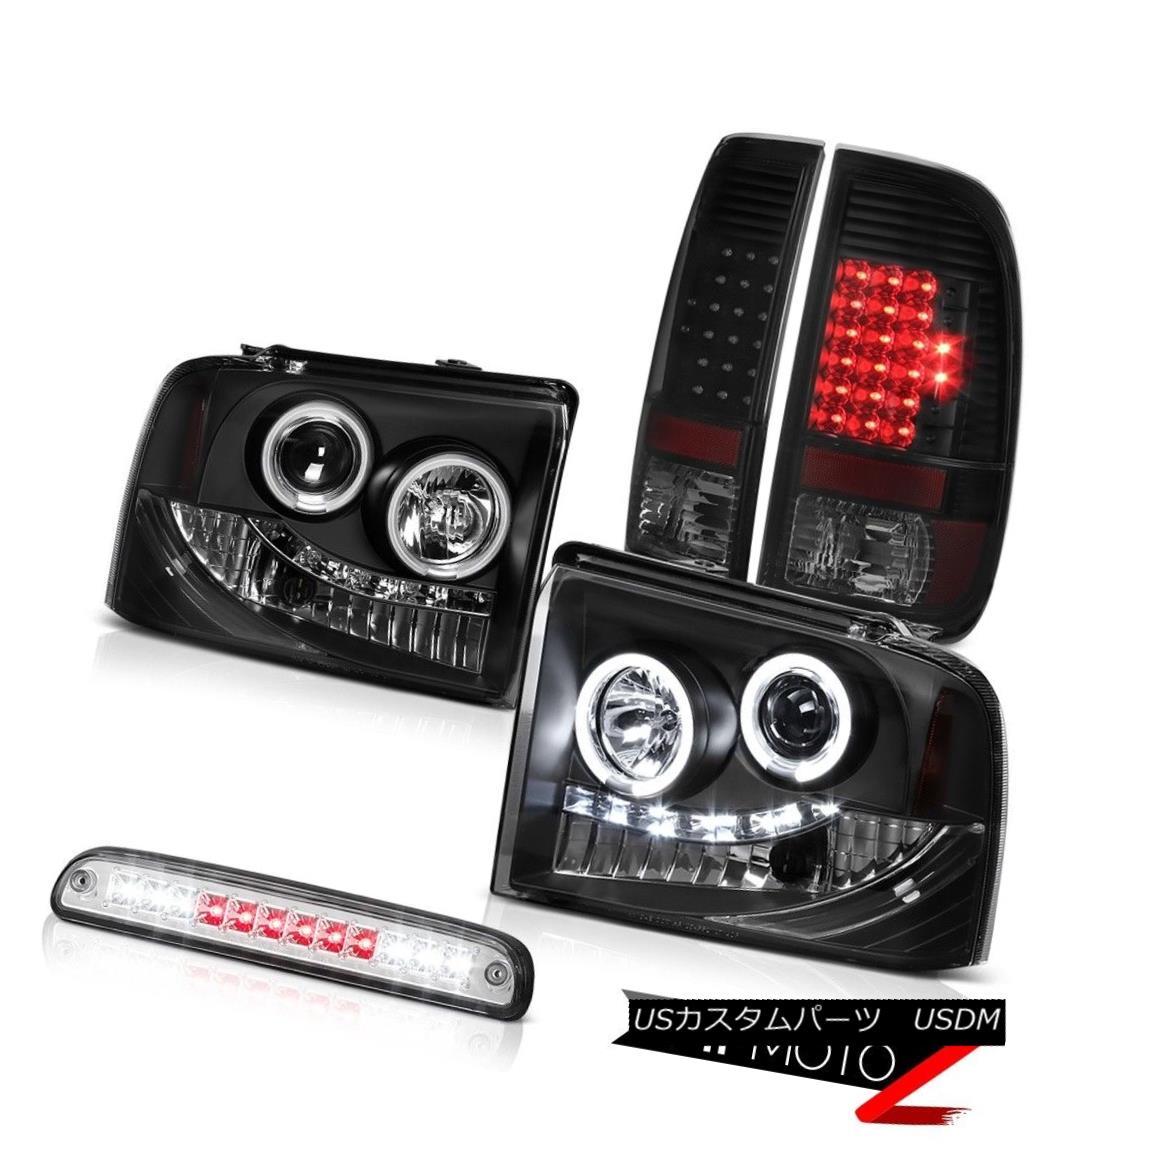 テールライト 05-07 F350 Outlaw CCFL Angel Eye Headlights SMD Tail Lights High Stop LED Chrome 05-07 F350アウトローCCFLエンジェルアイヘッドライトSMDテールライトハイストップLEDクローム